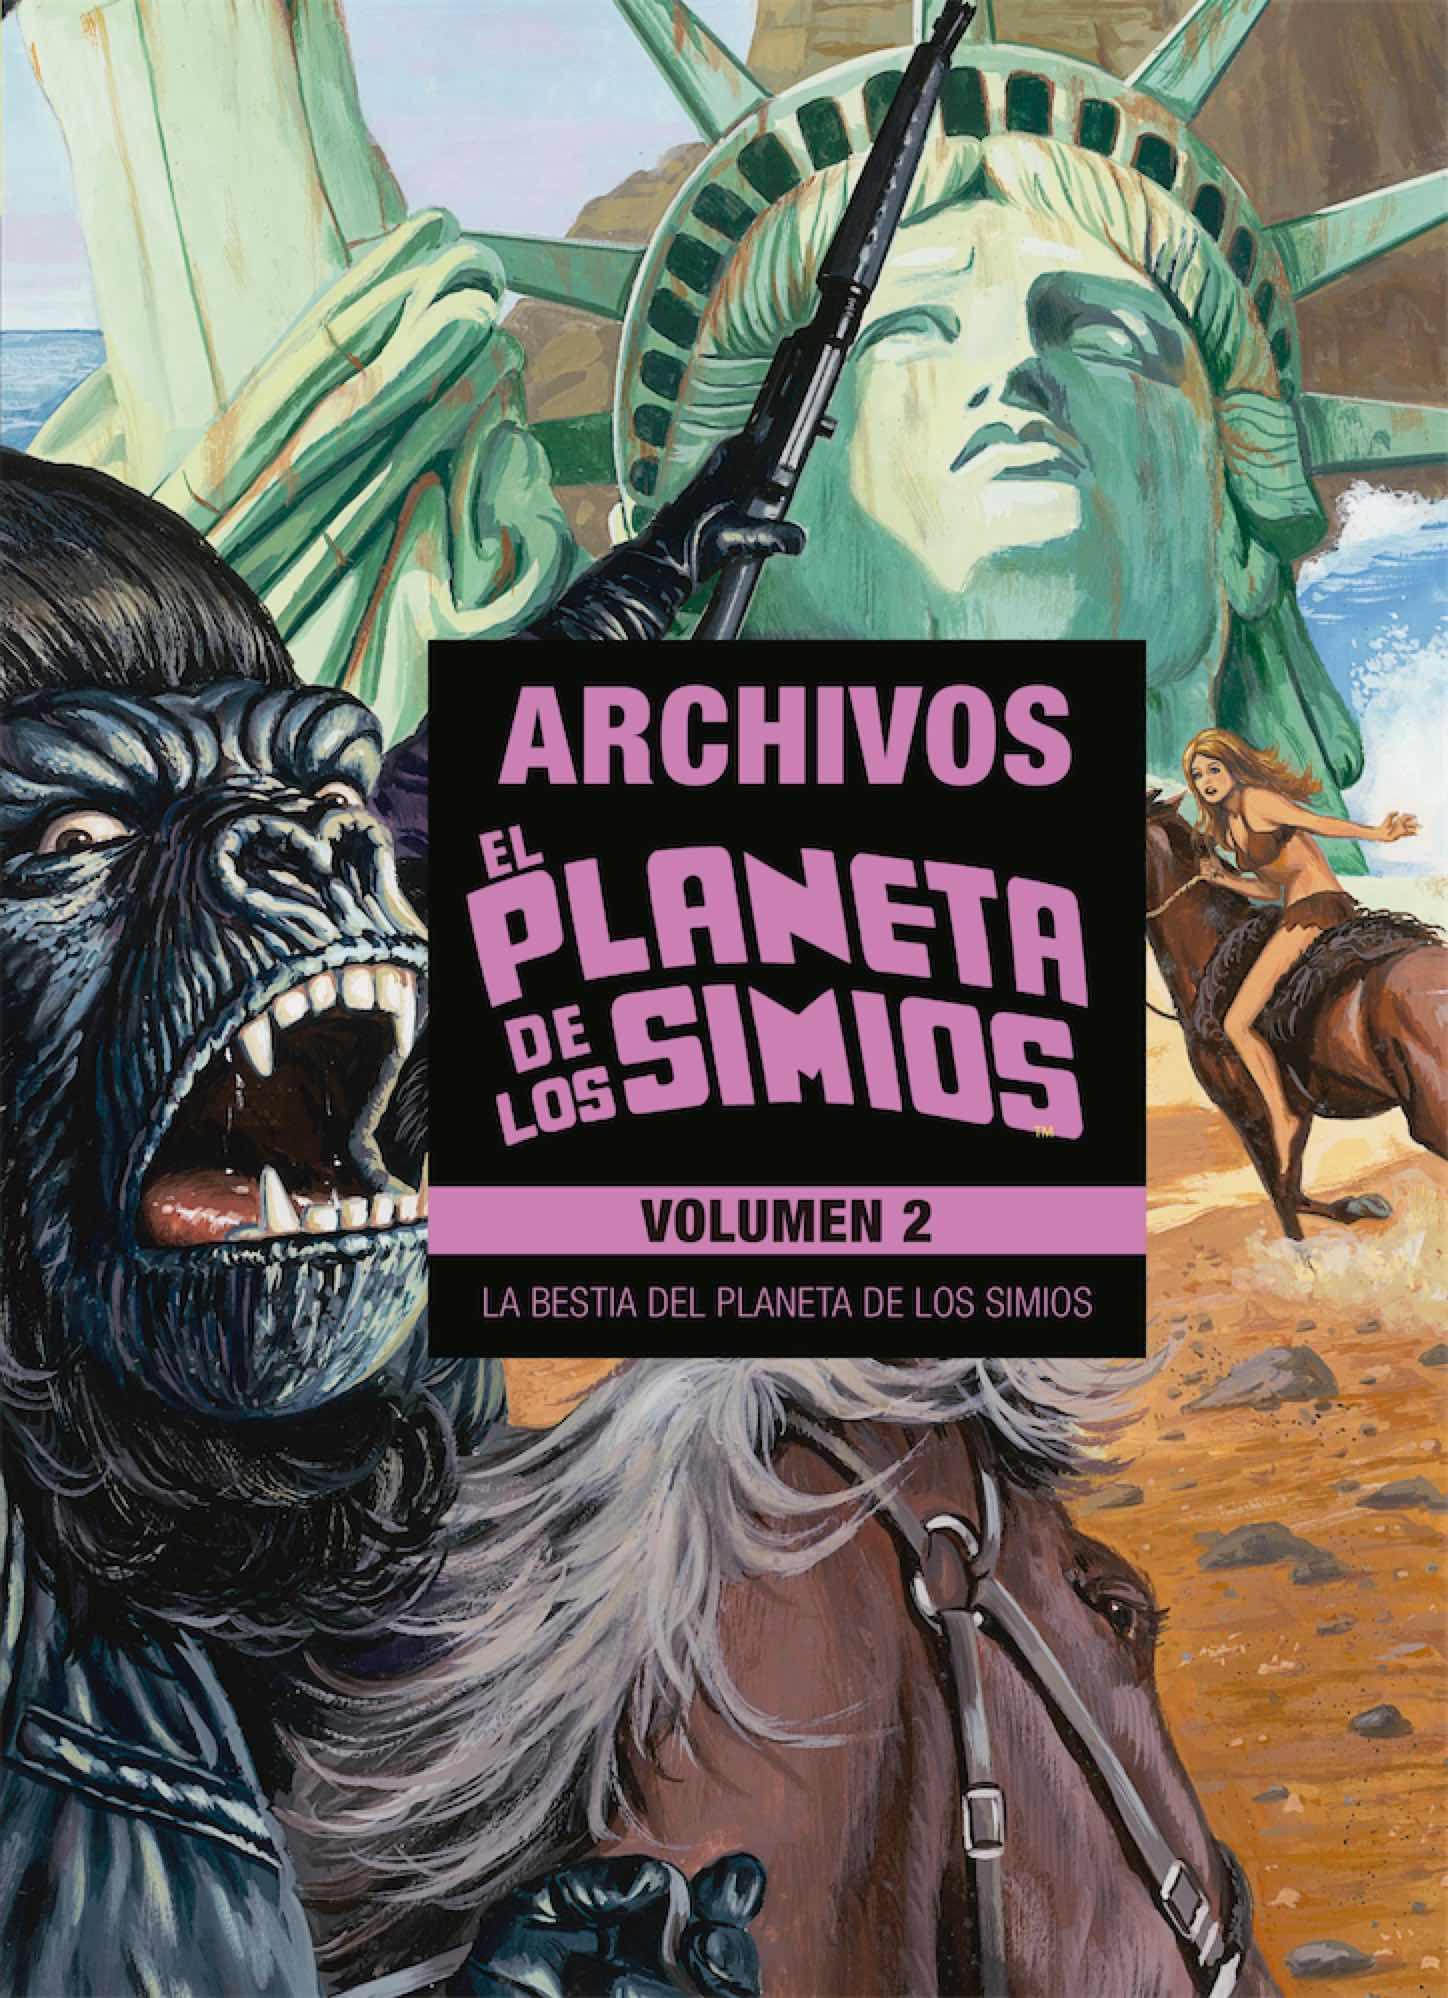 EL PLANETA DE LOS SIMIOS. ARCHIVOS 02 (LIMITED EDITION)